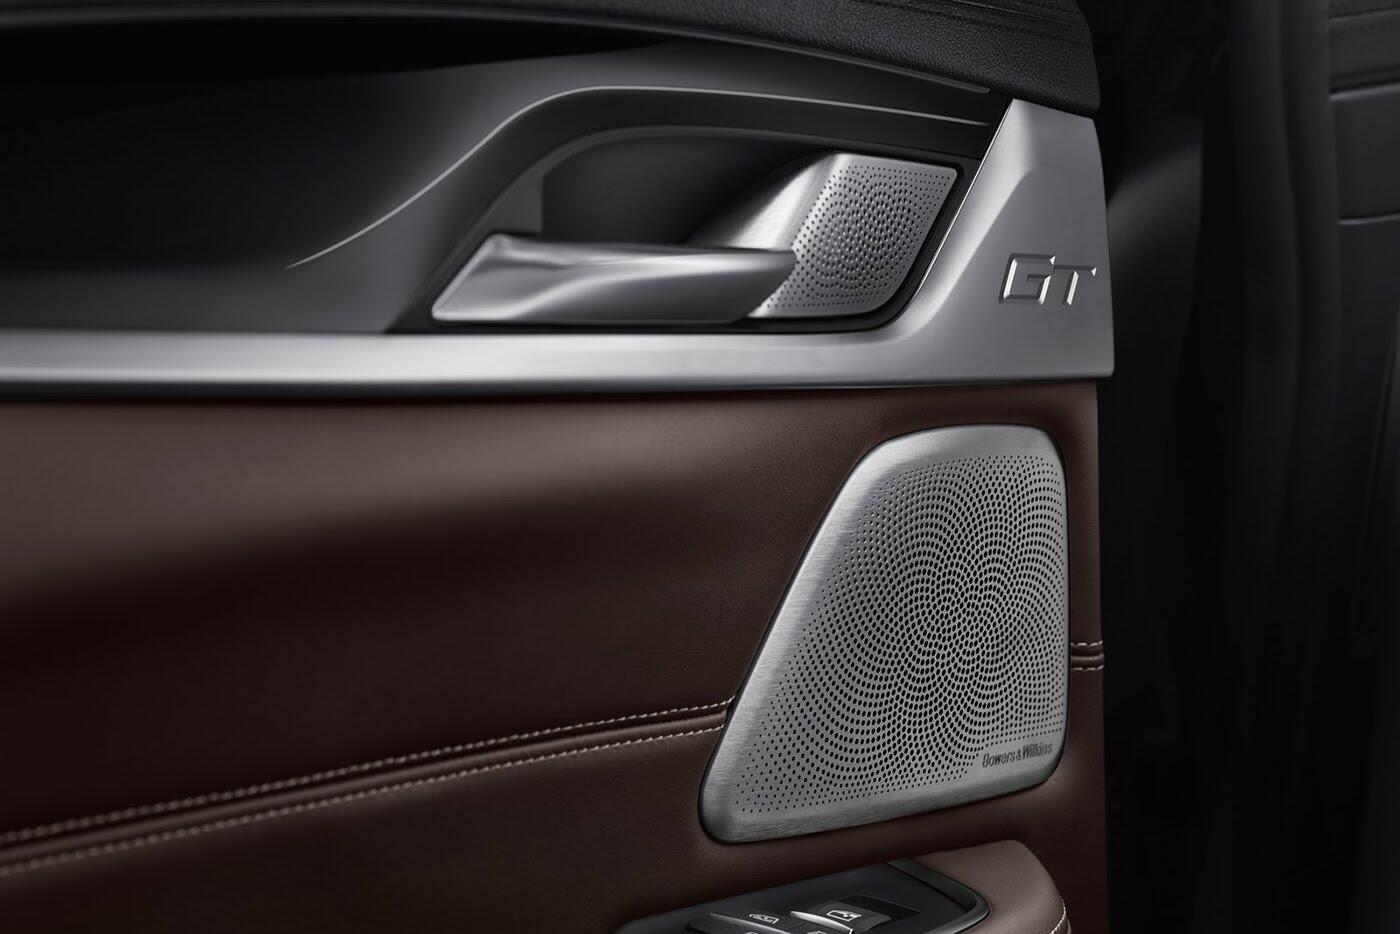 Xem thêm ảnh BMW 6-Series Gran Turismo 2018 - Hình 26